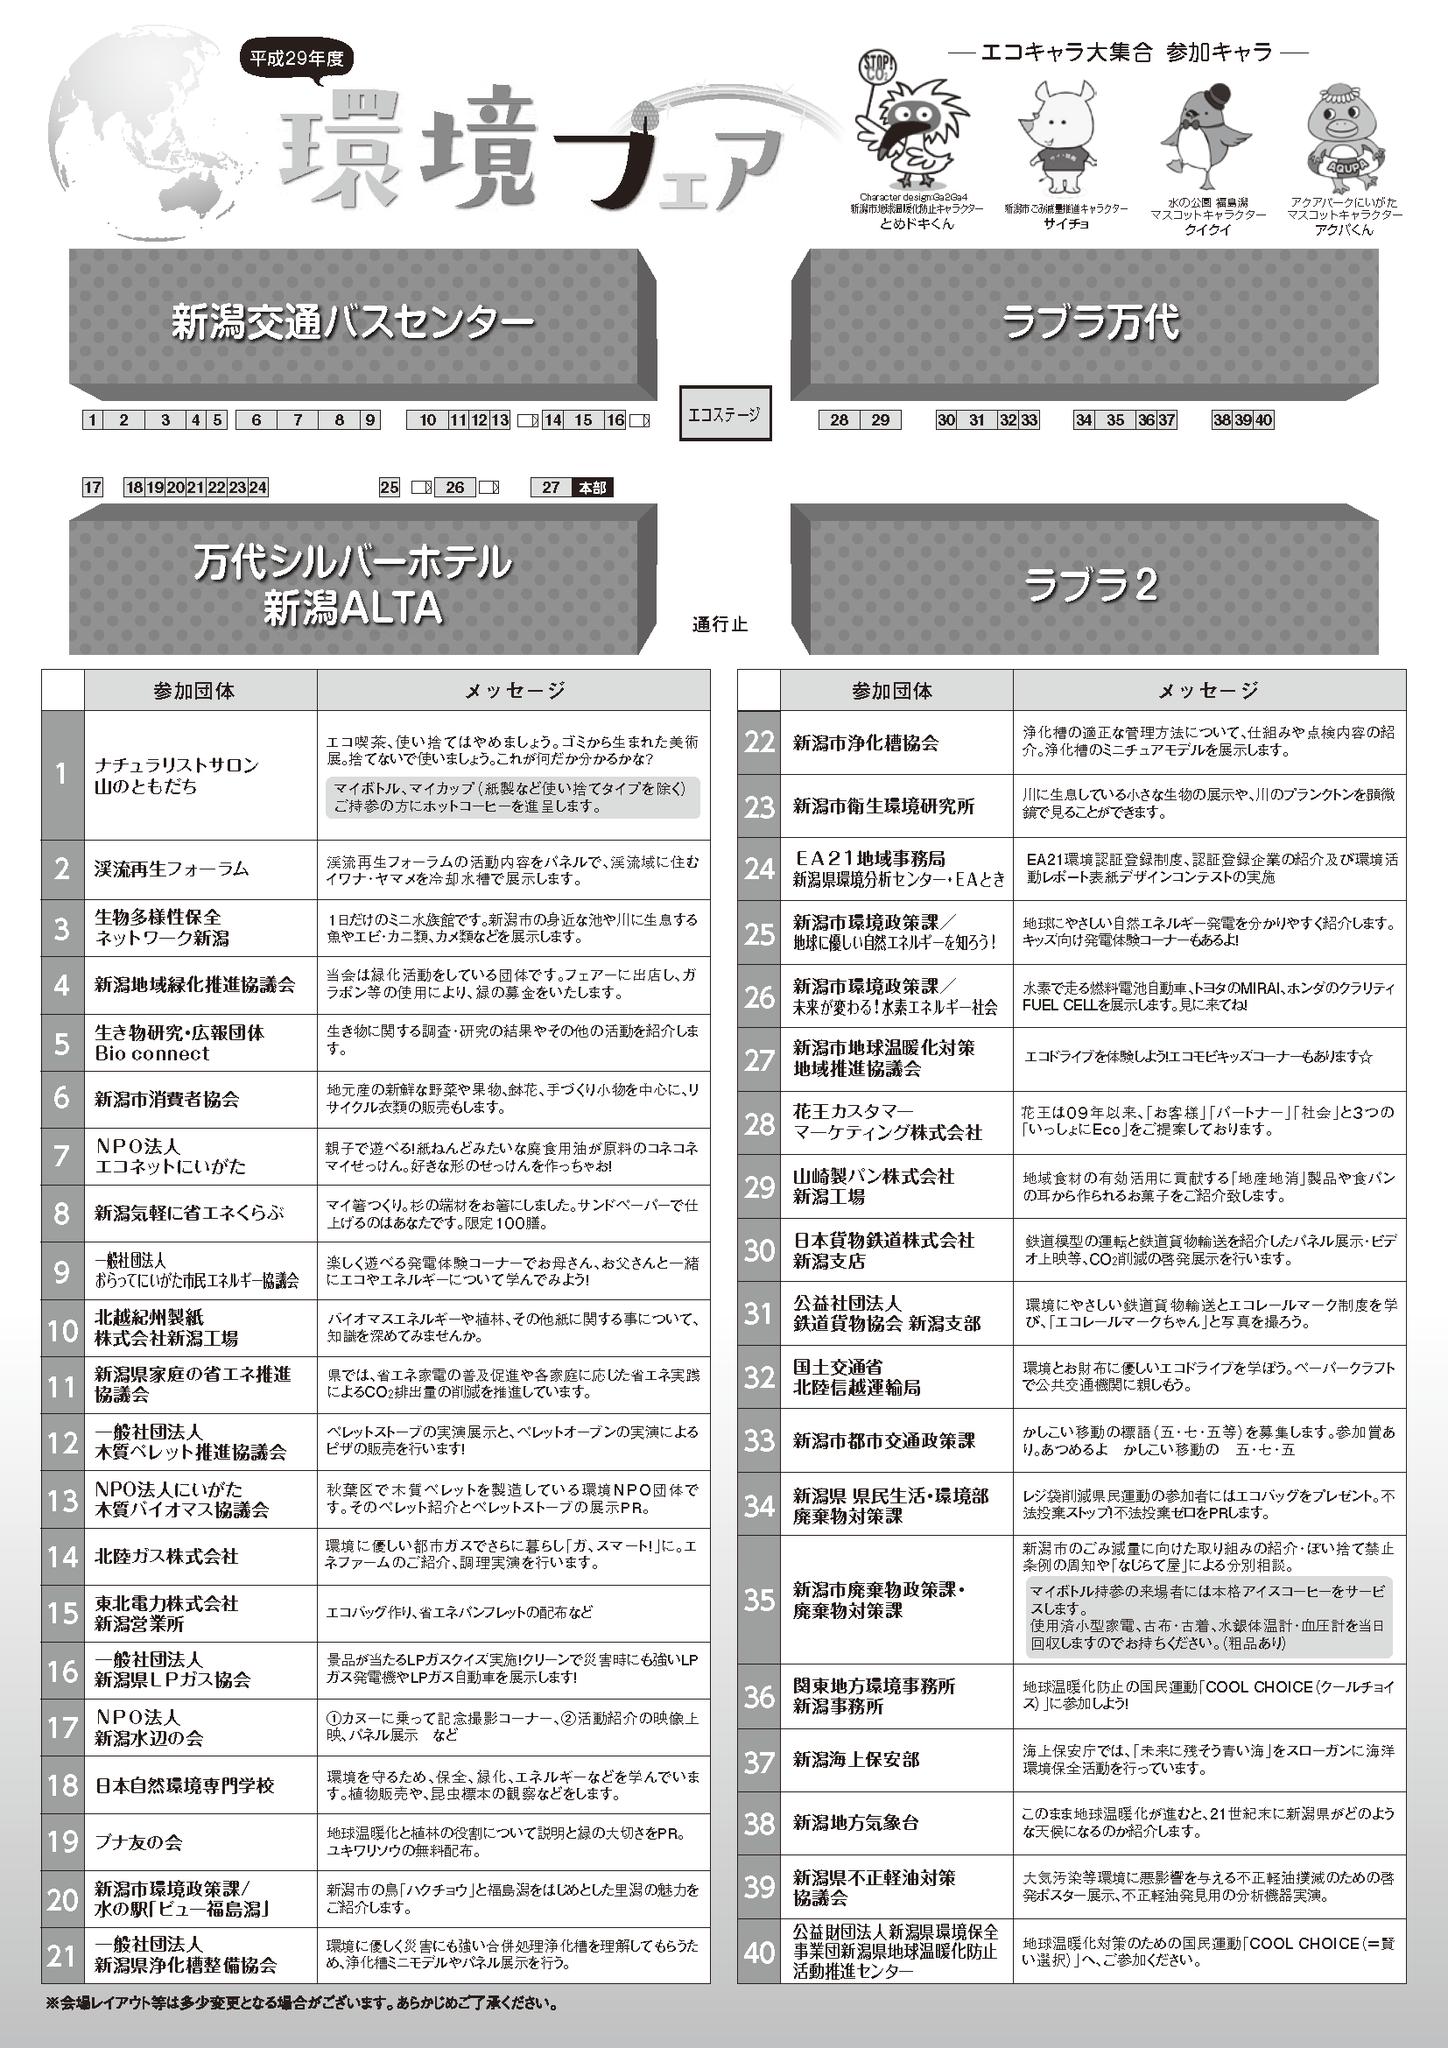 新潟市環境フェアチラシ(裏面)